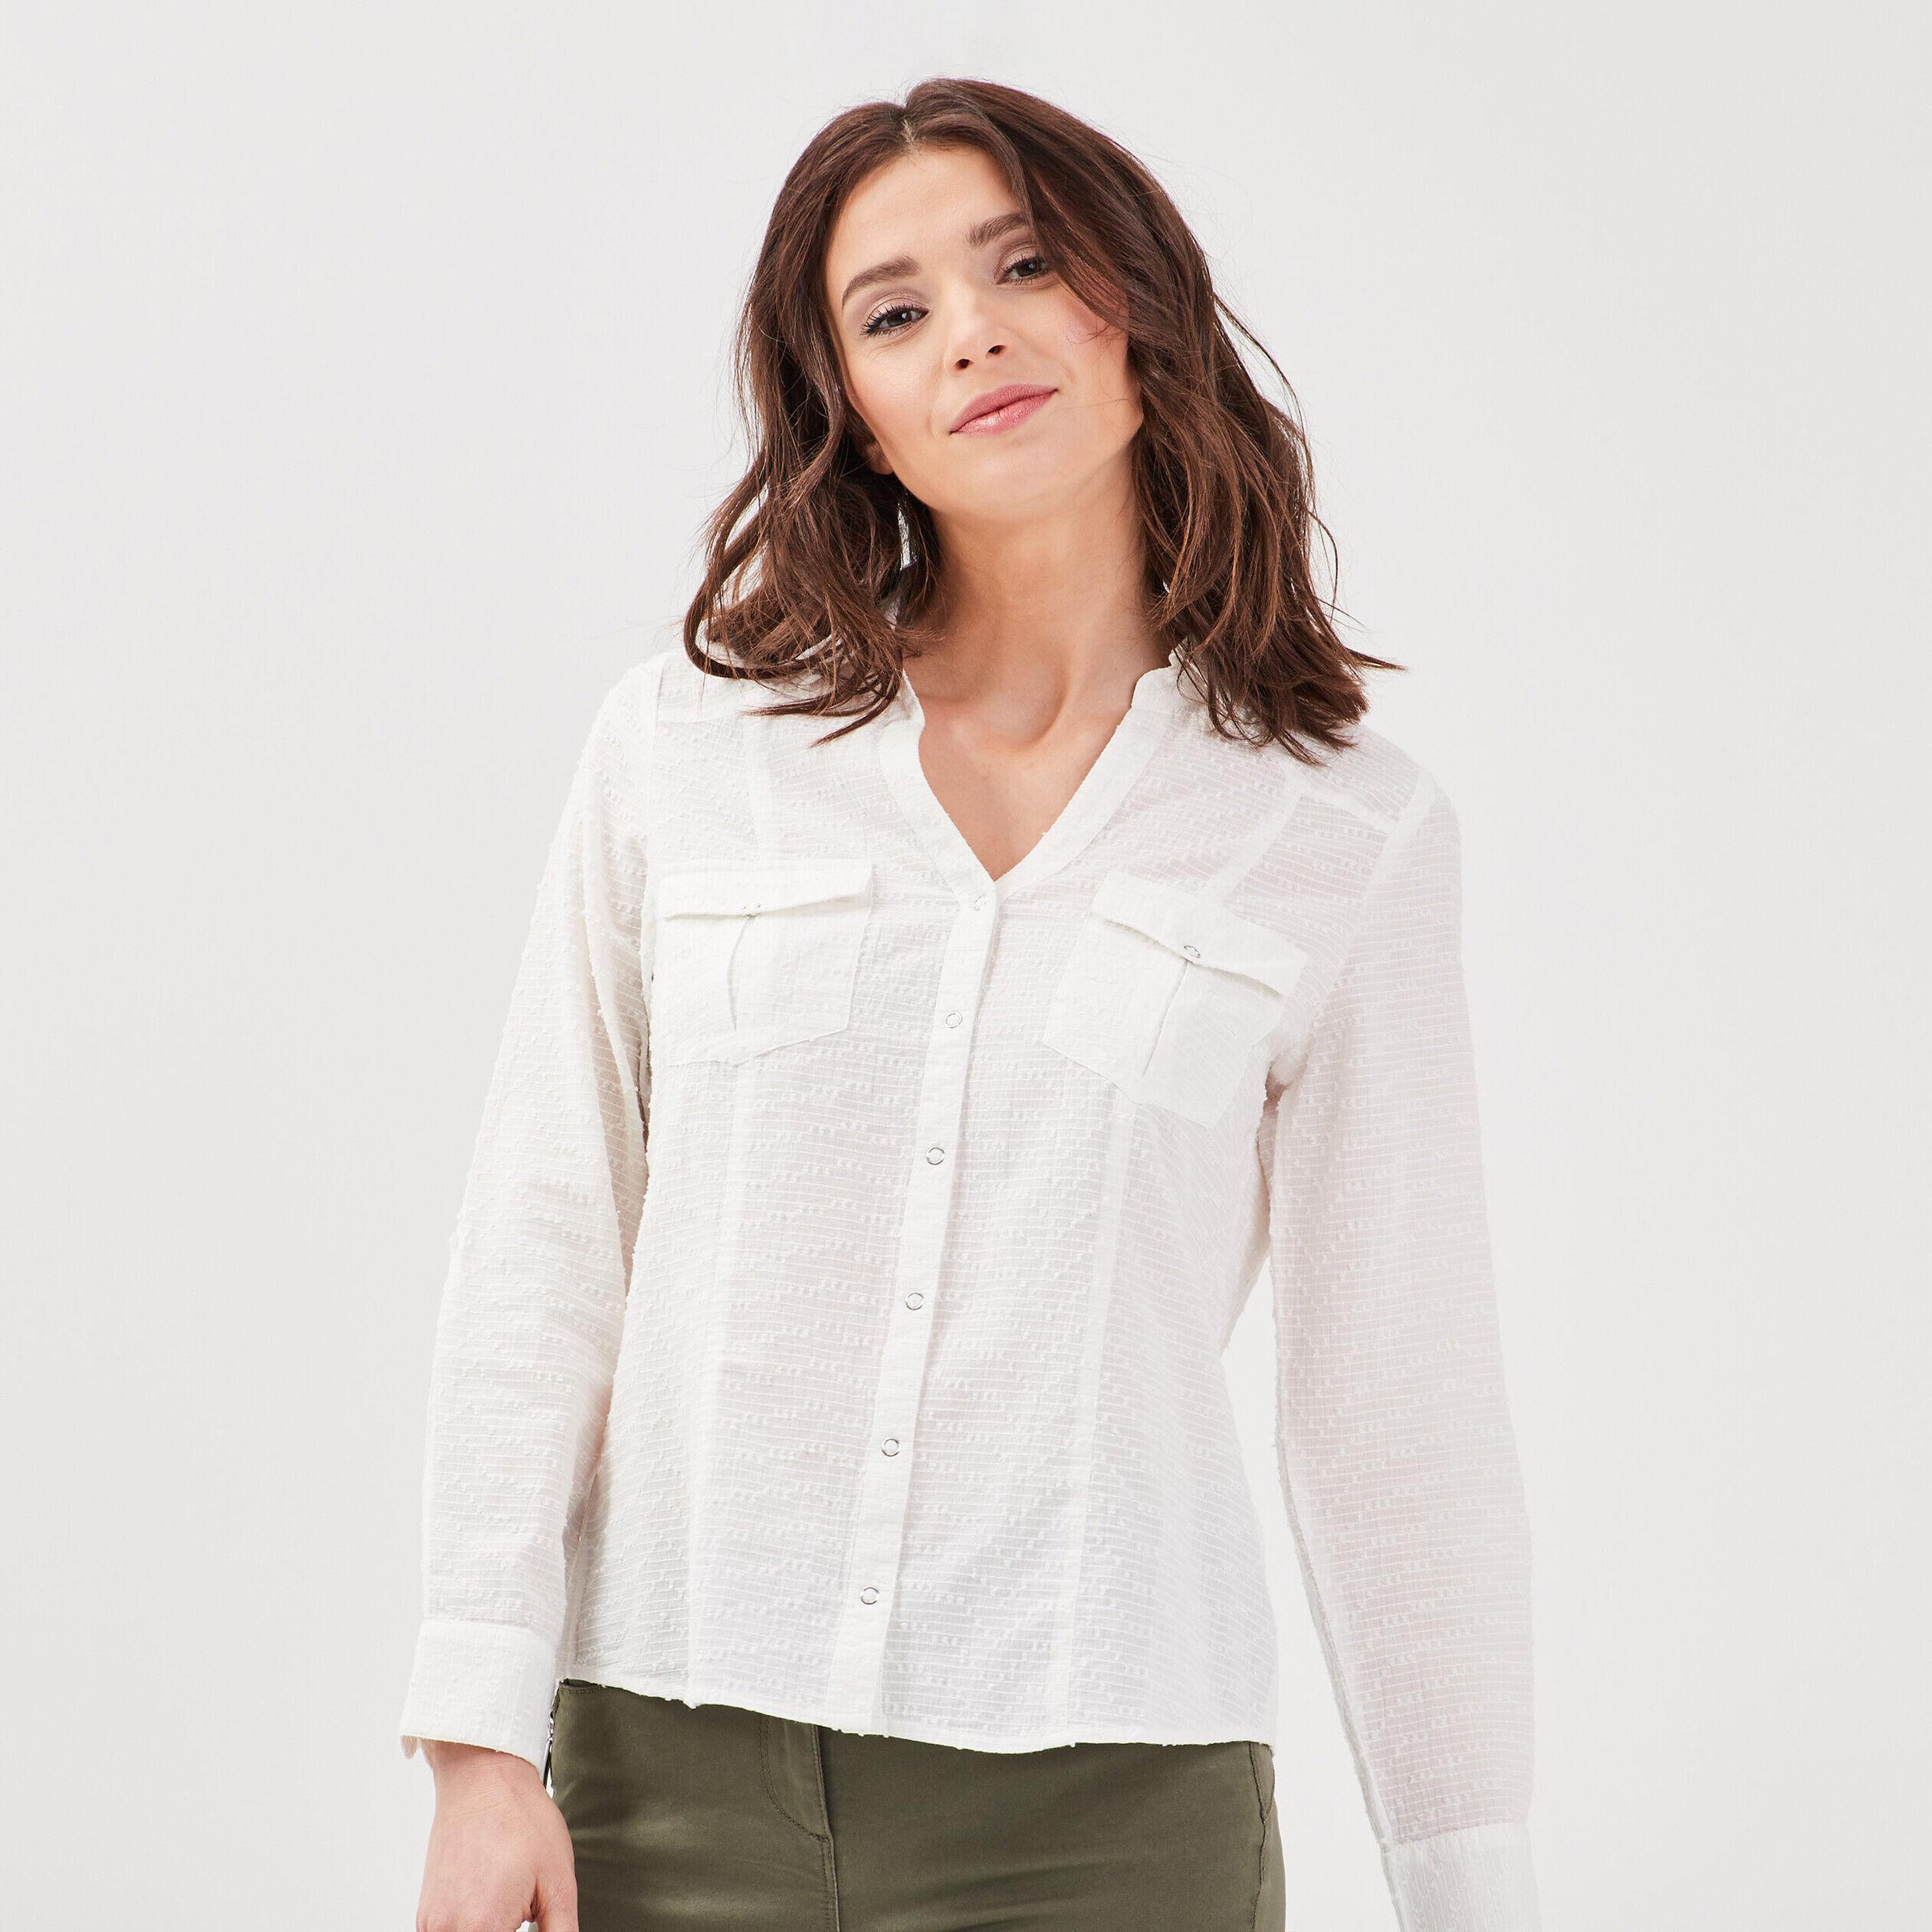 Femmes Tunique Chemisier Blouses shirt blanc crème multicolore taille 46